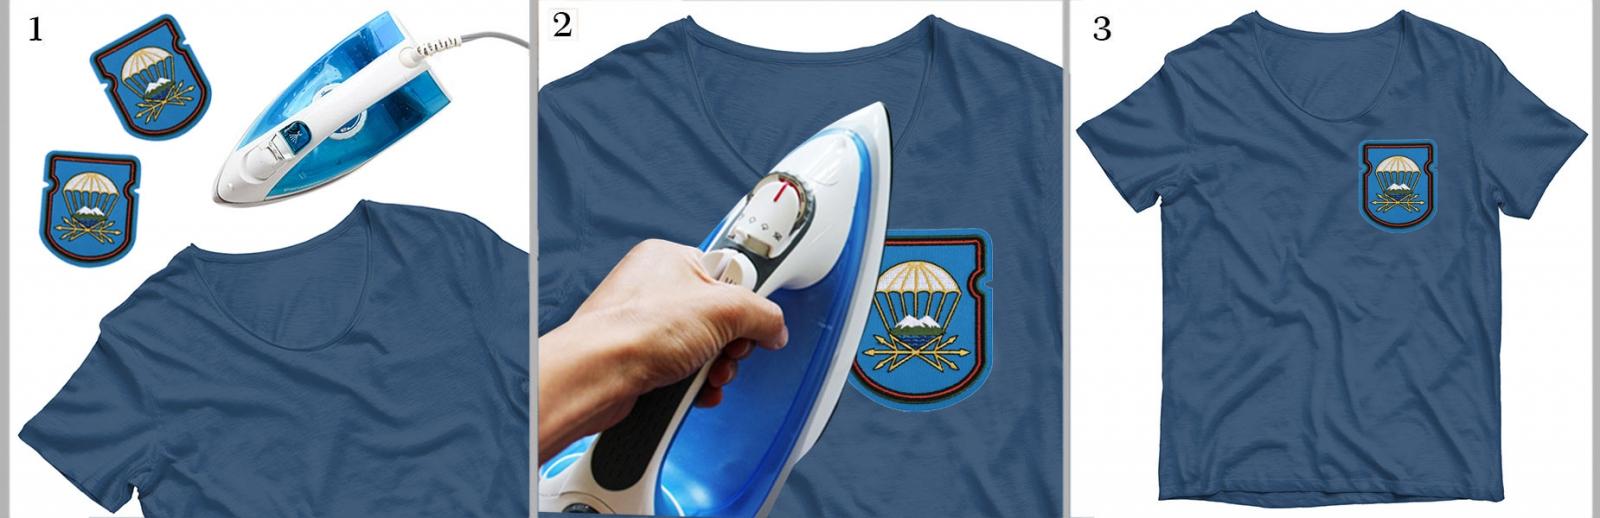 """Нашивка-эмблема """"743 отдельный батальон связи 7 ДШД"""" на футболке"""